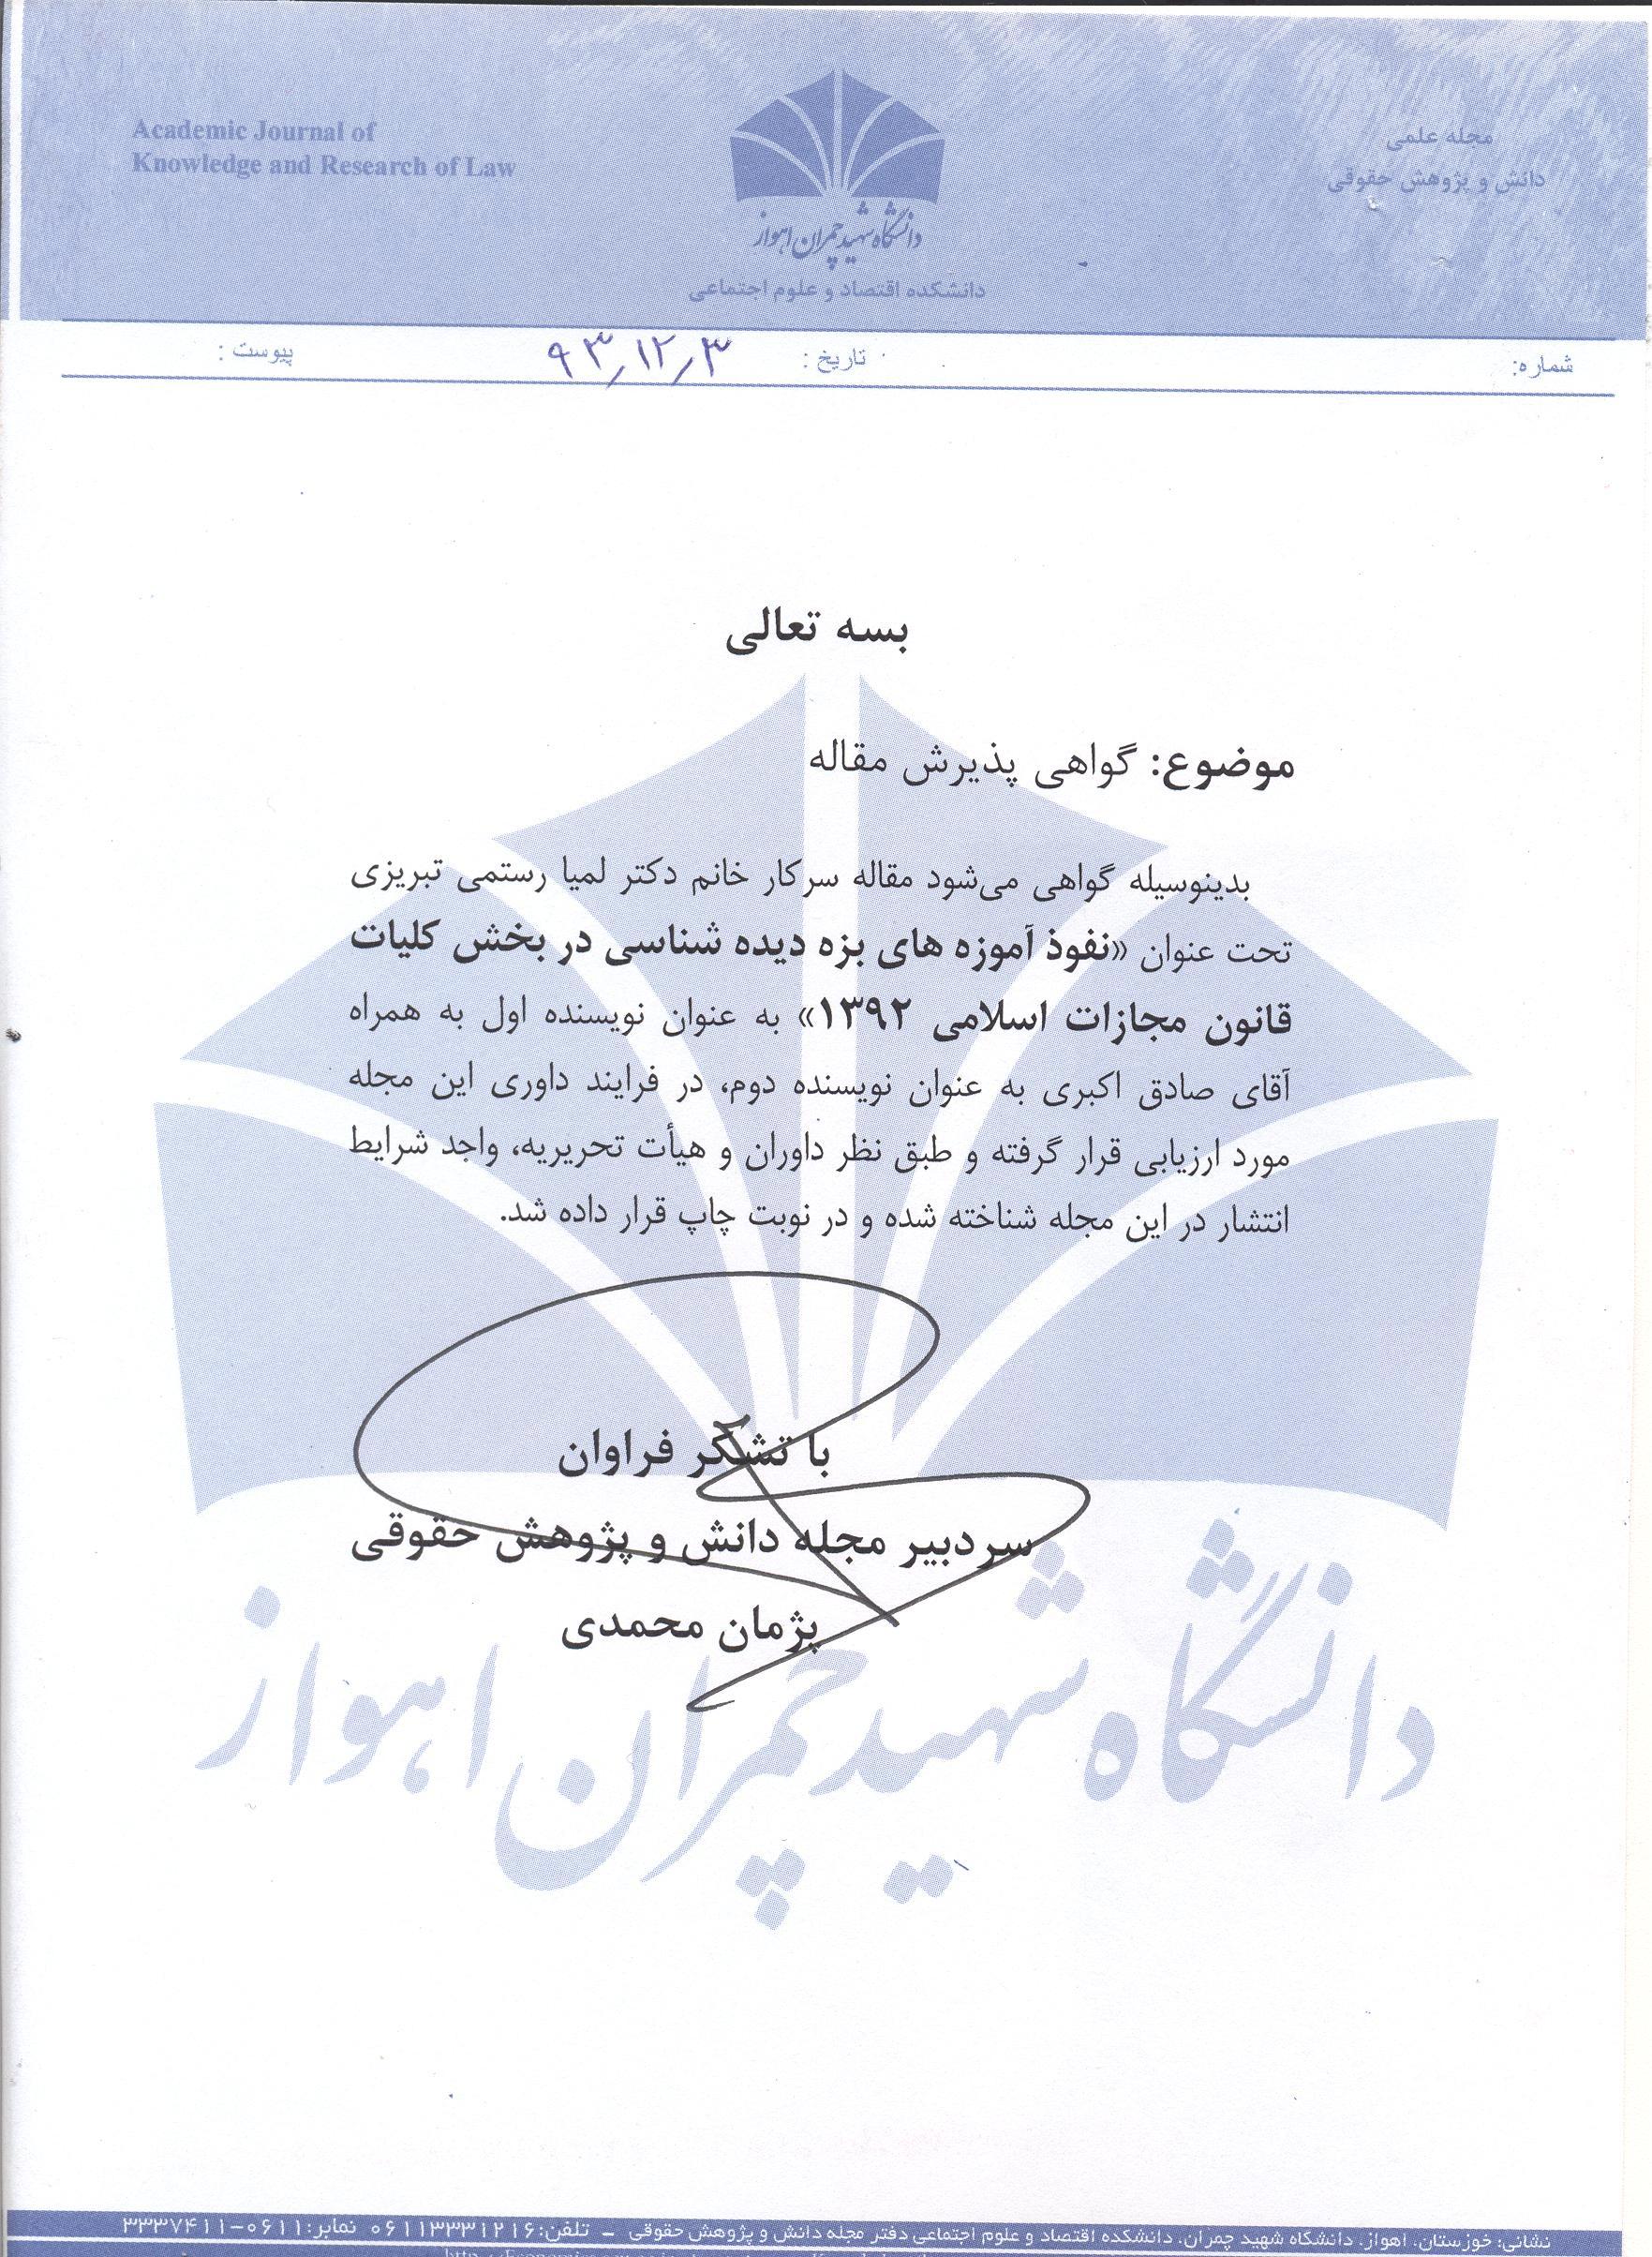 مقاله پذیرفته شده در مجله حقوقی دانشگاه چمران شماره 4